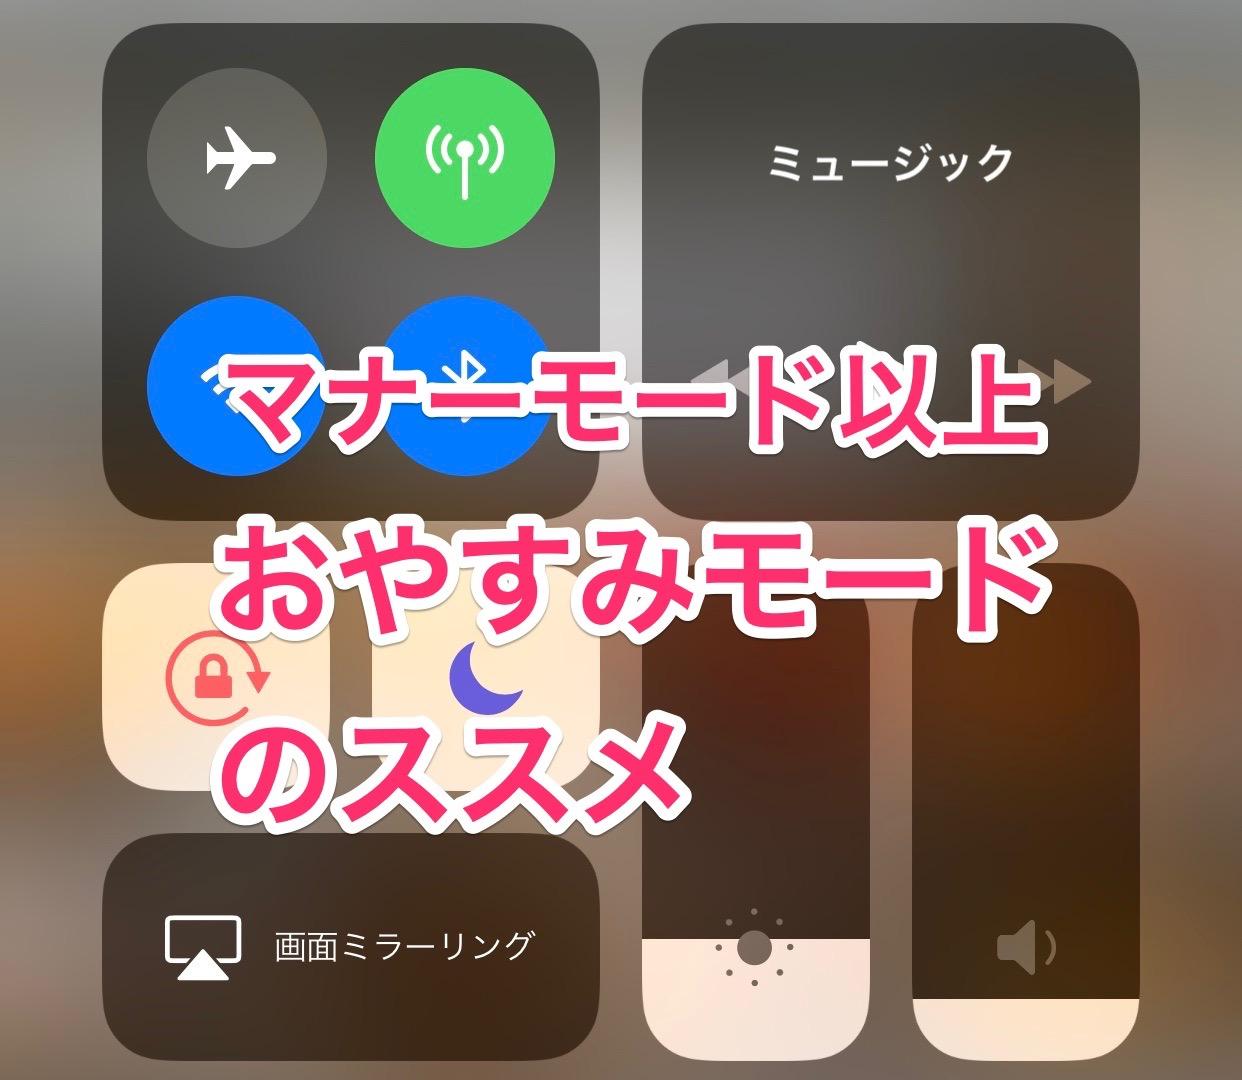 【iPhone Tips】卒業式・入学式、映画館など静かな場所で「おやすみモード」のススメ